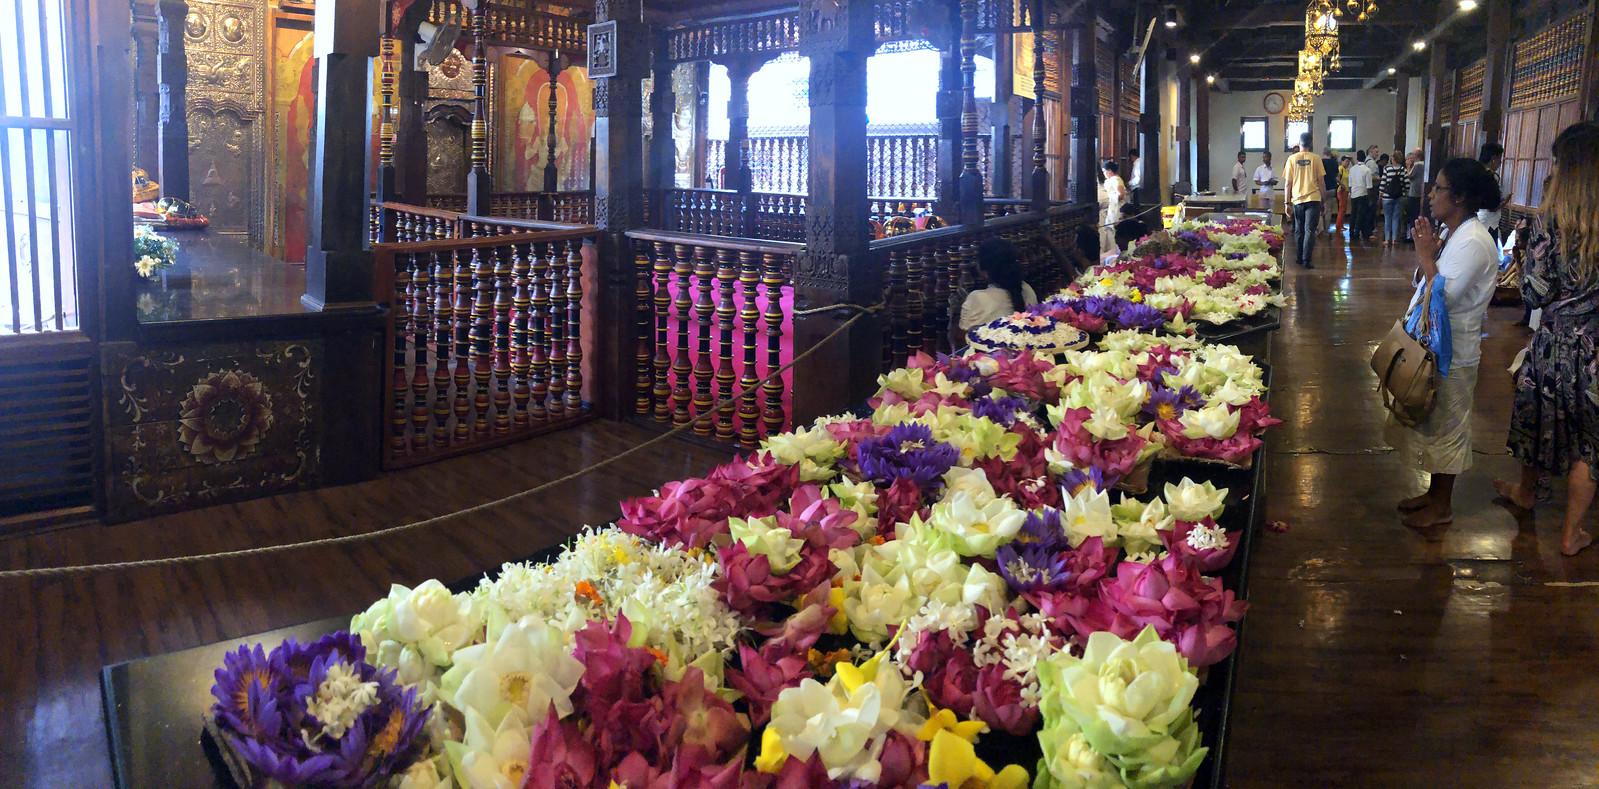 Kandy en un día, Sri Lanka kandy en un día - 47013342842 6839a30eab h - Kandy en un día, Sri Lanka